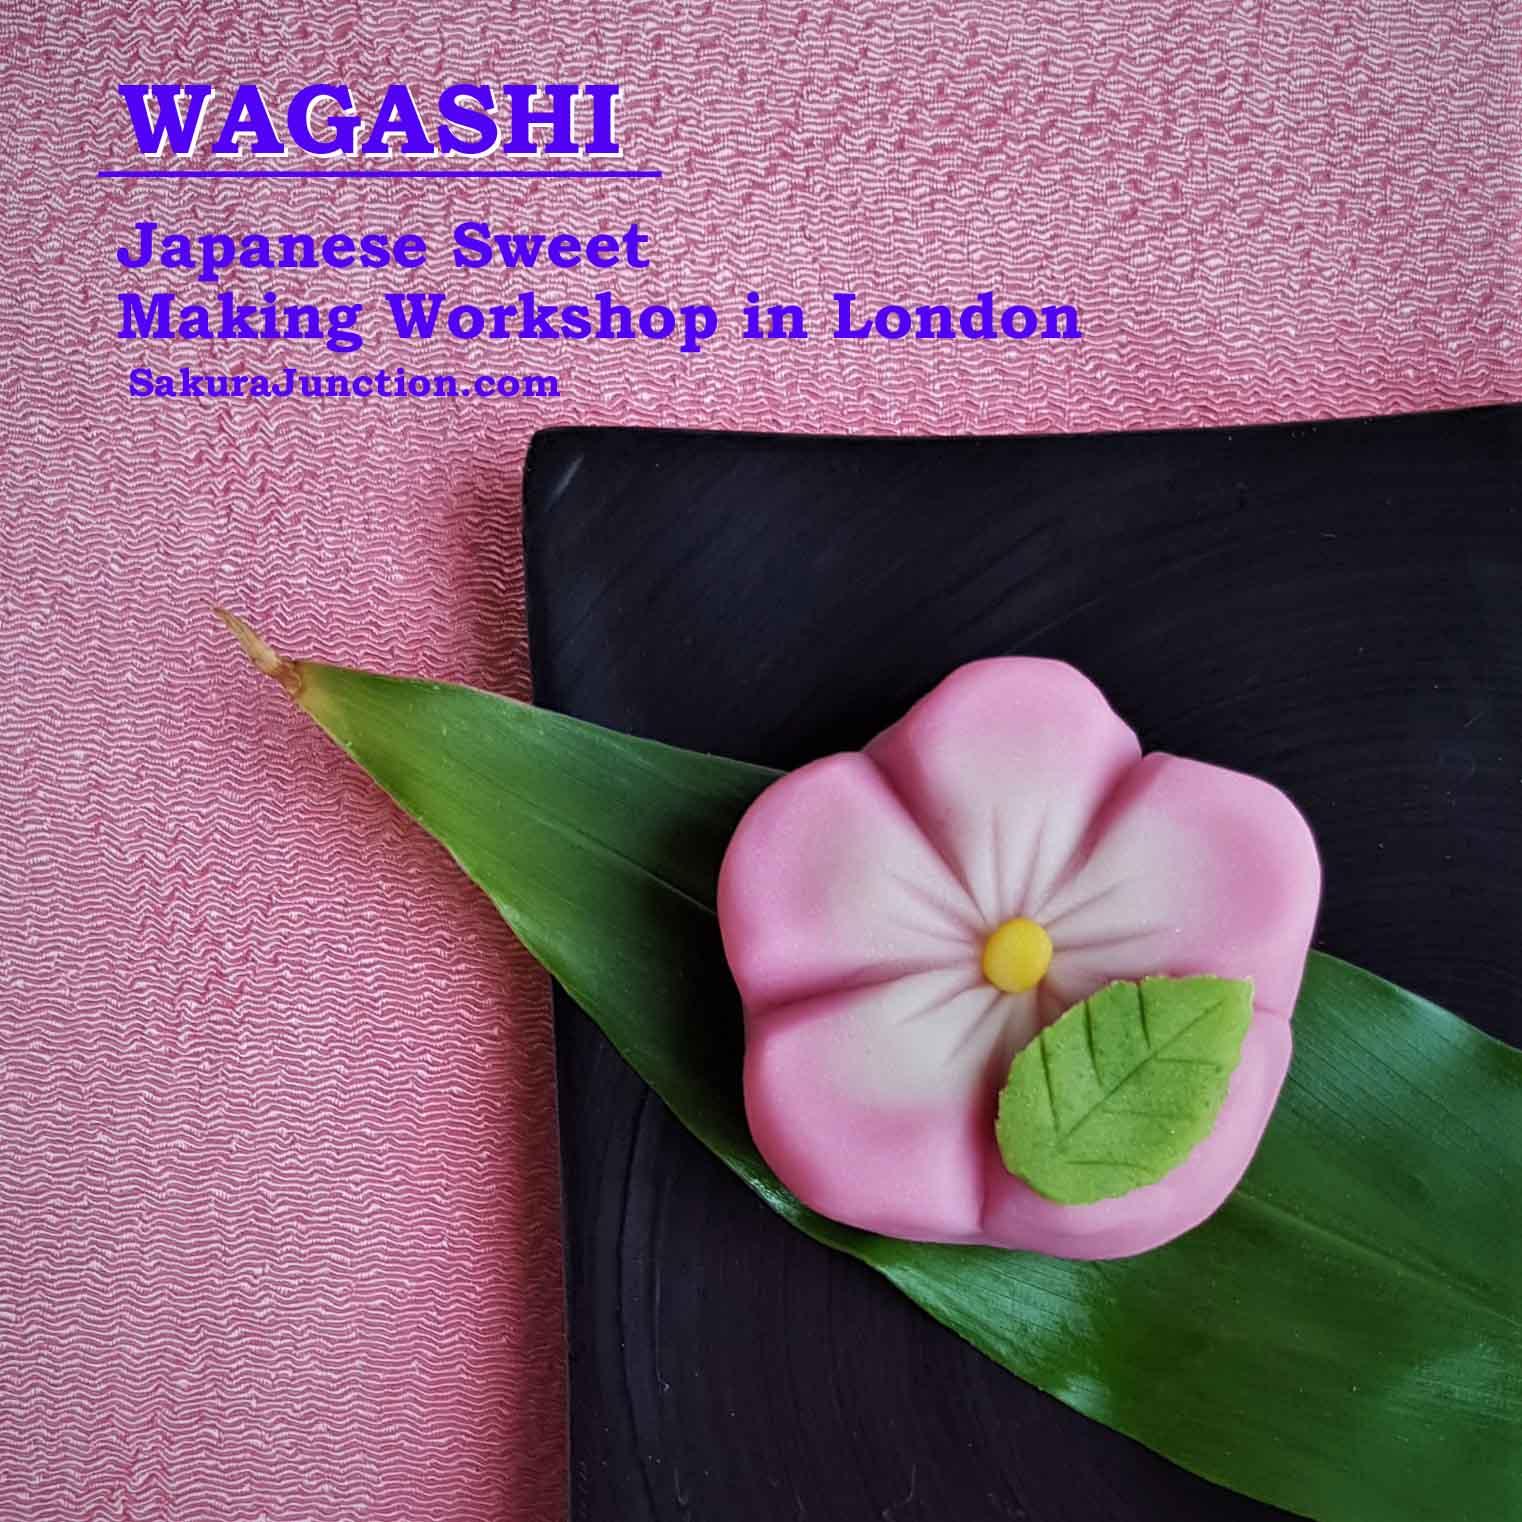 Wagashi Workshop 1